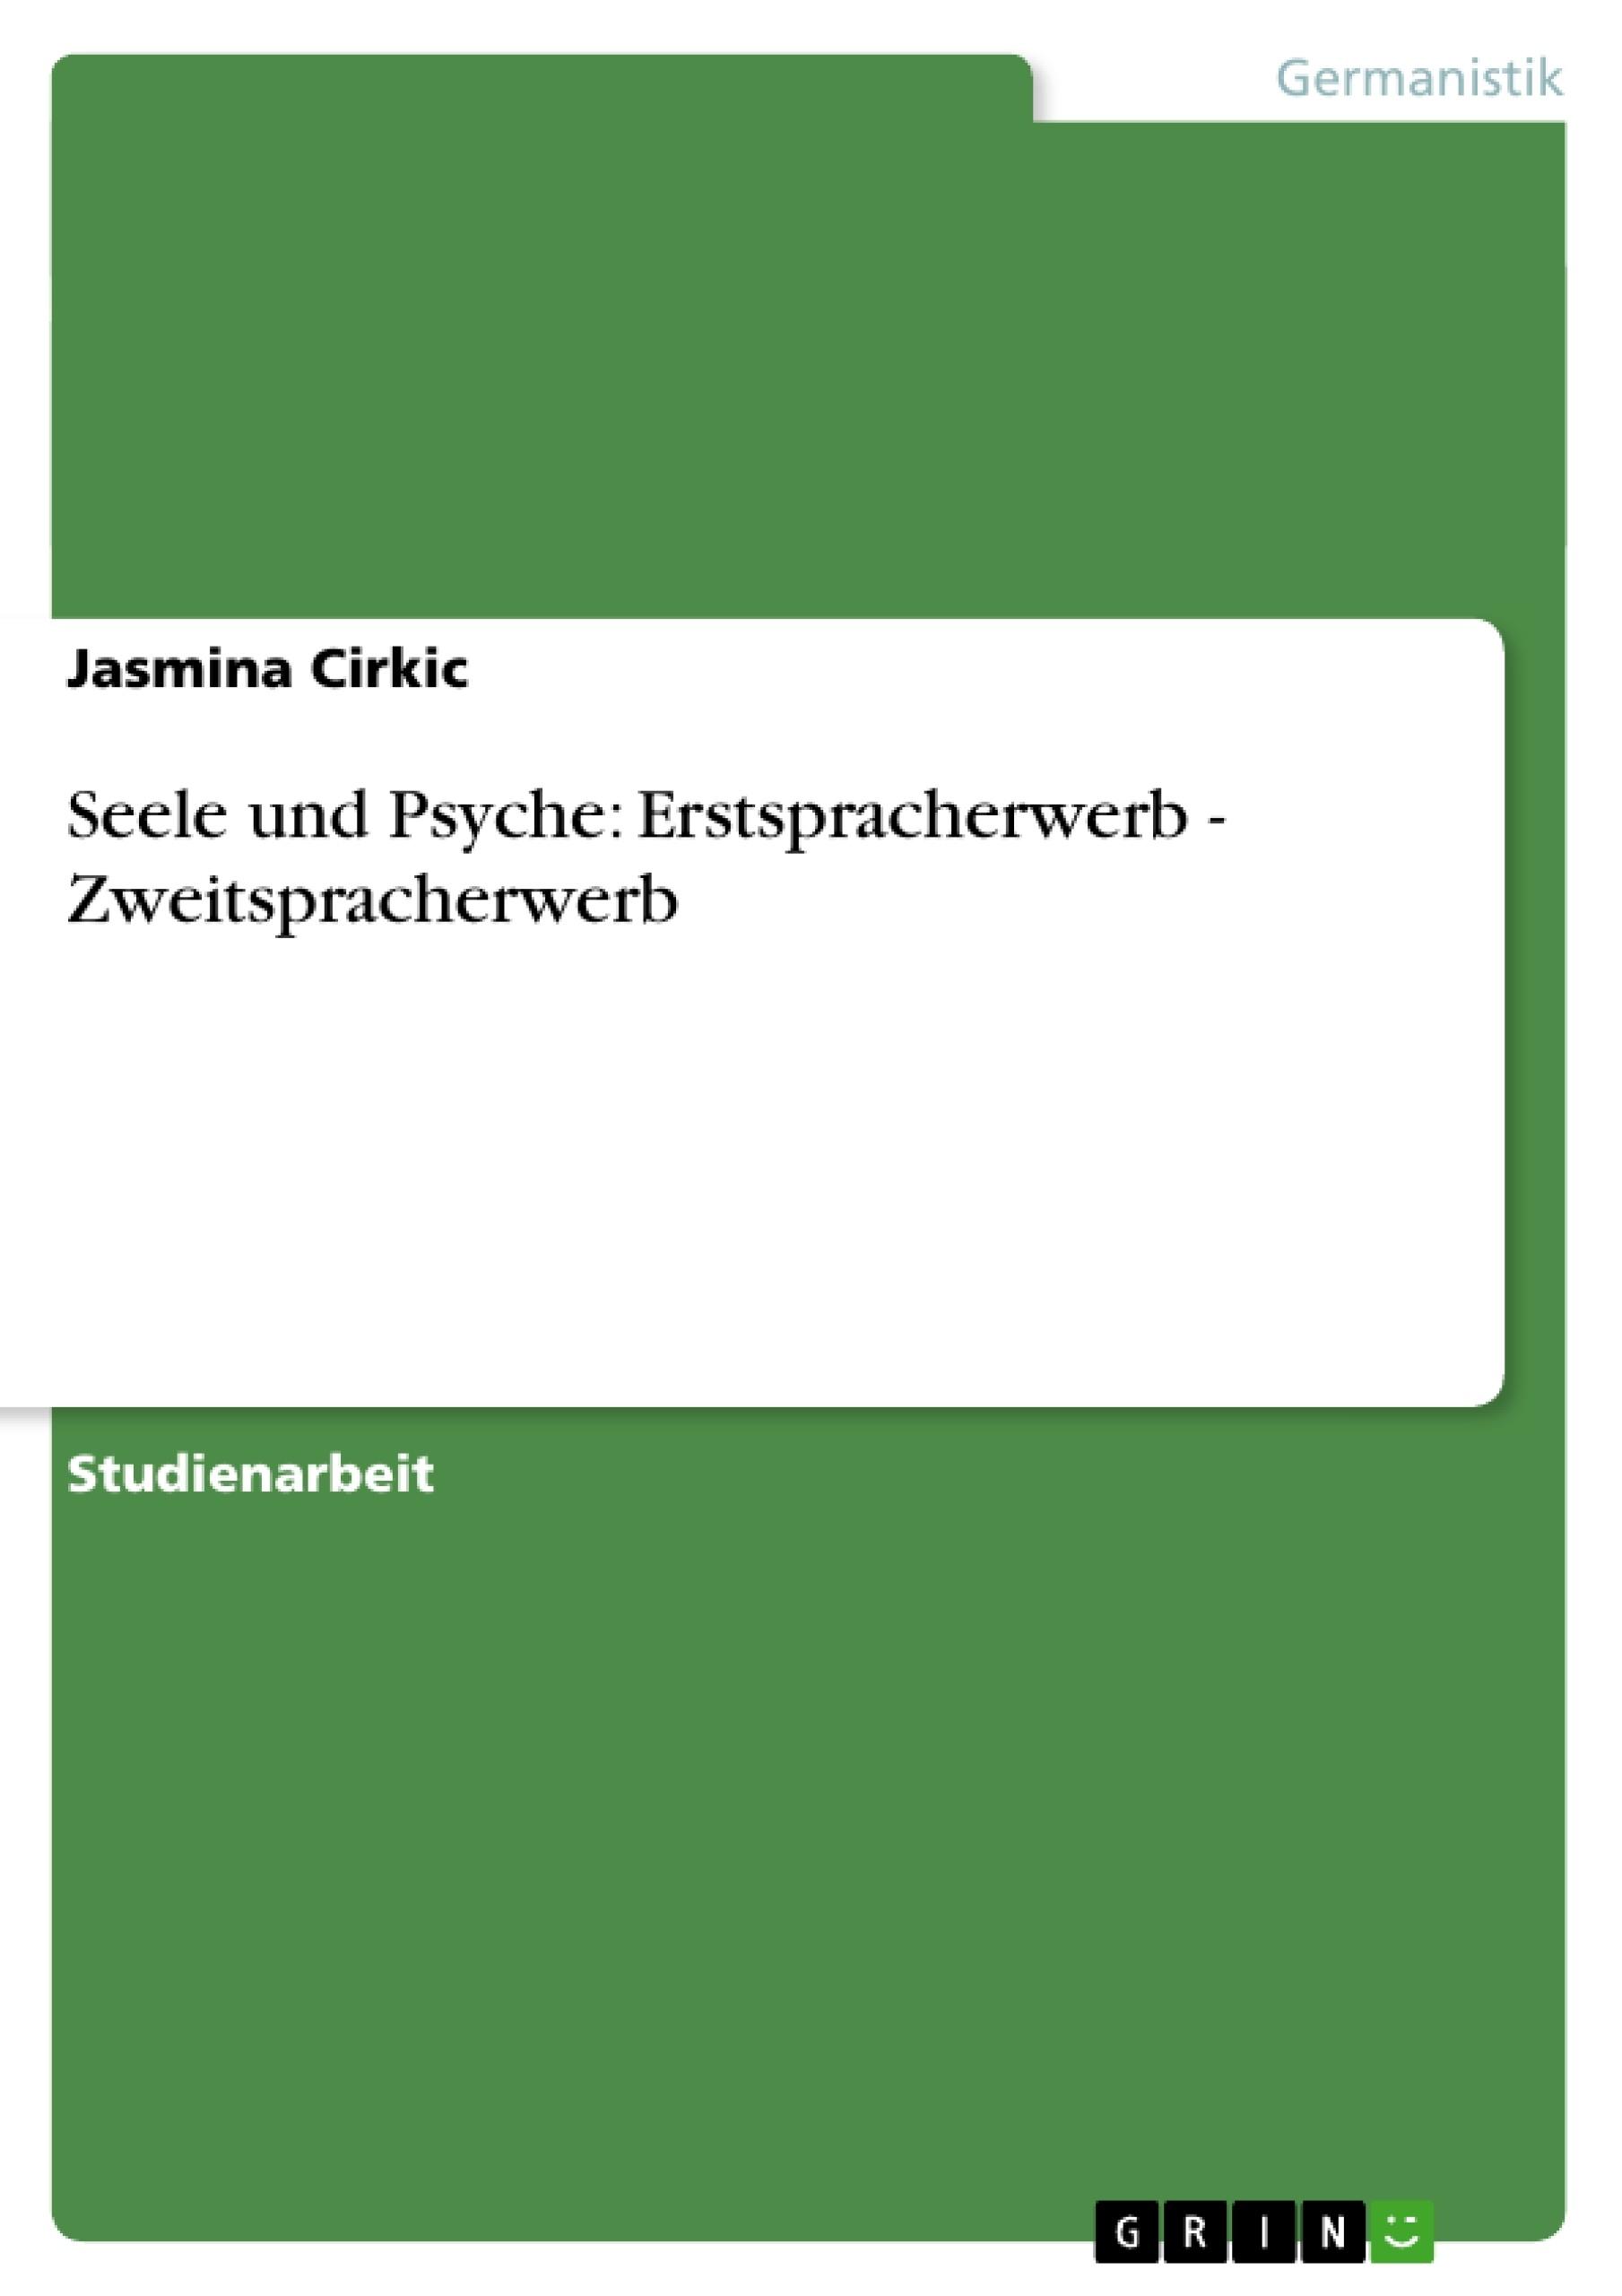 Titel: Seele und Psyche: Erstspracherwerb - Zweitspracherwerb